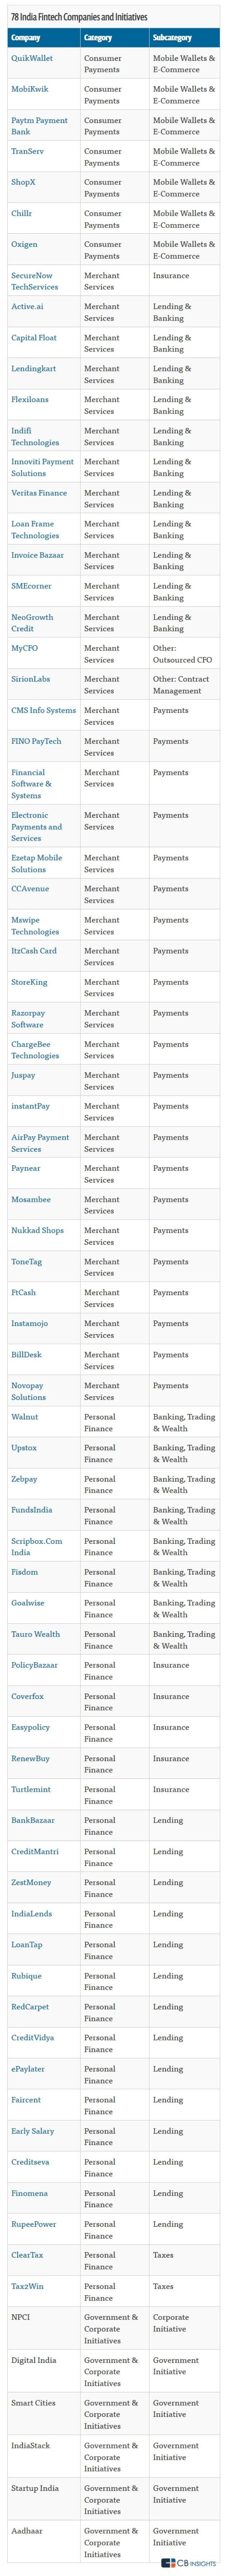 india fintech startups